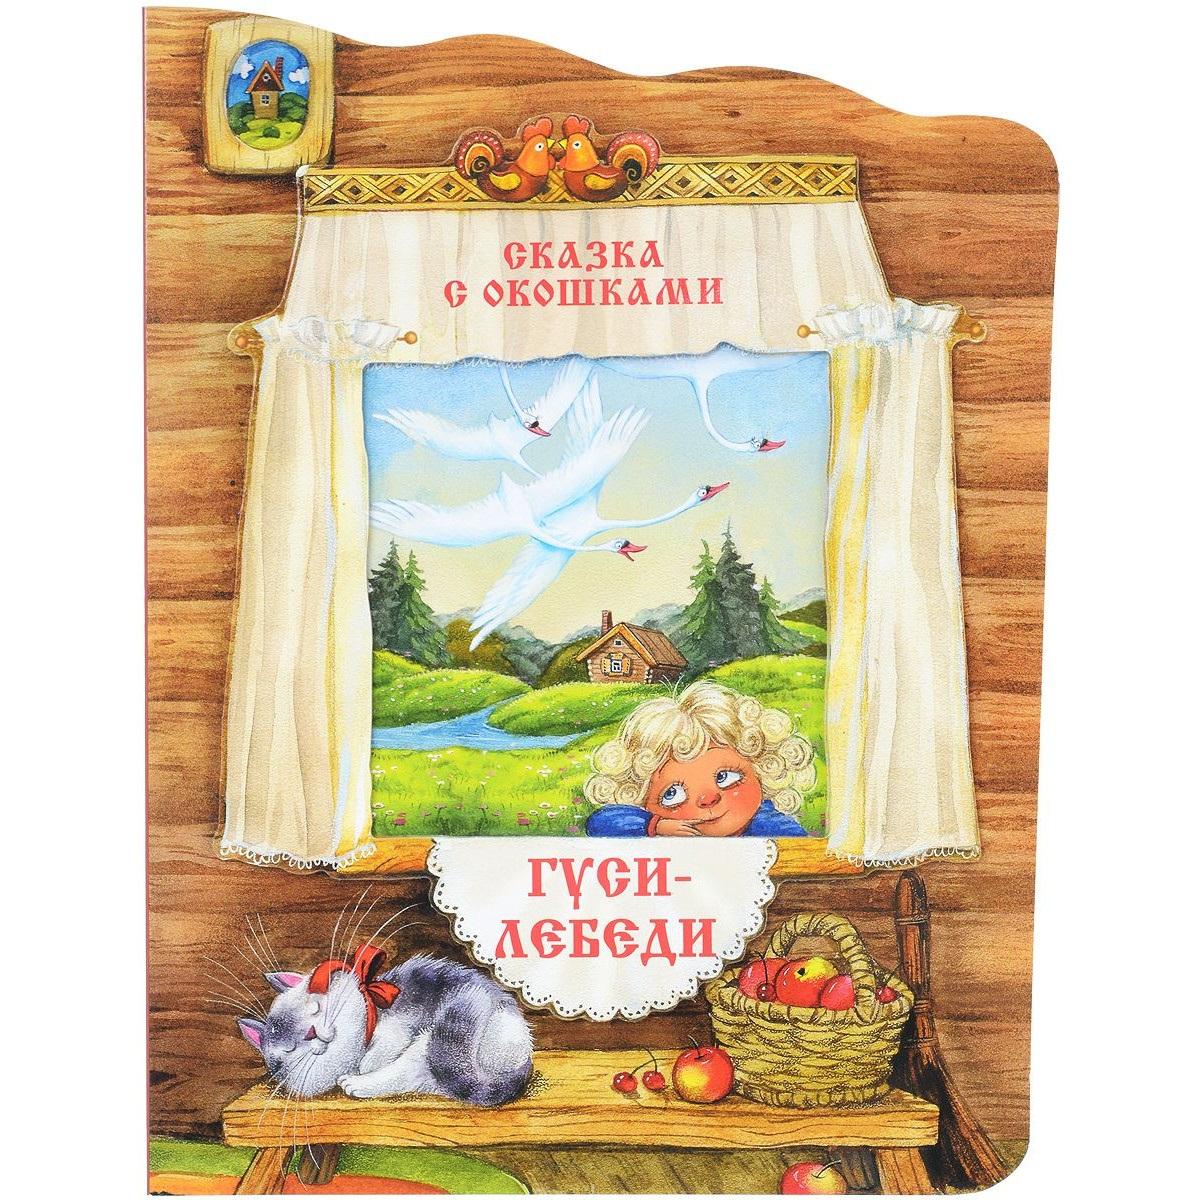 Книга -  Сказка с окошками. Гуси-лебедиБибилиотека детского сада<br>Книга -  Сказка с окошками. Гуси-лебеди<br>